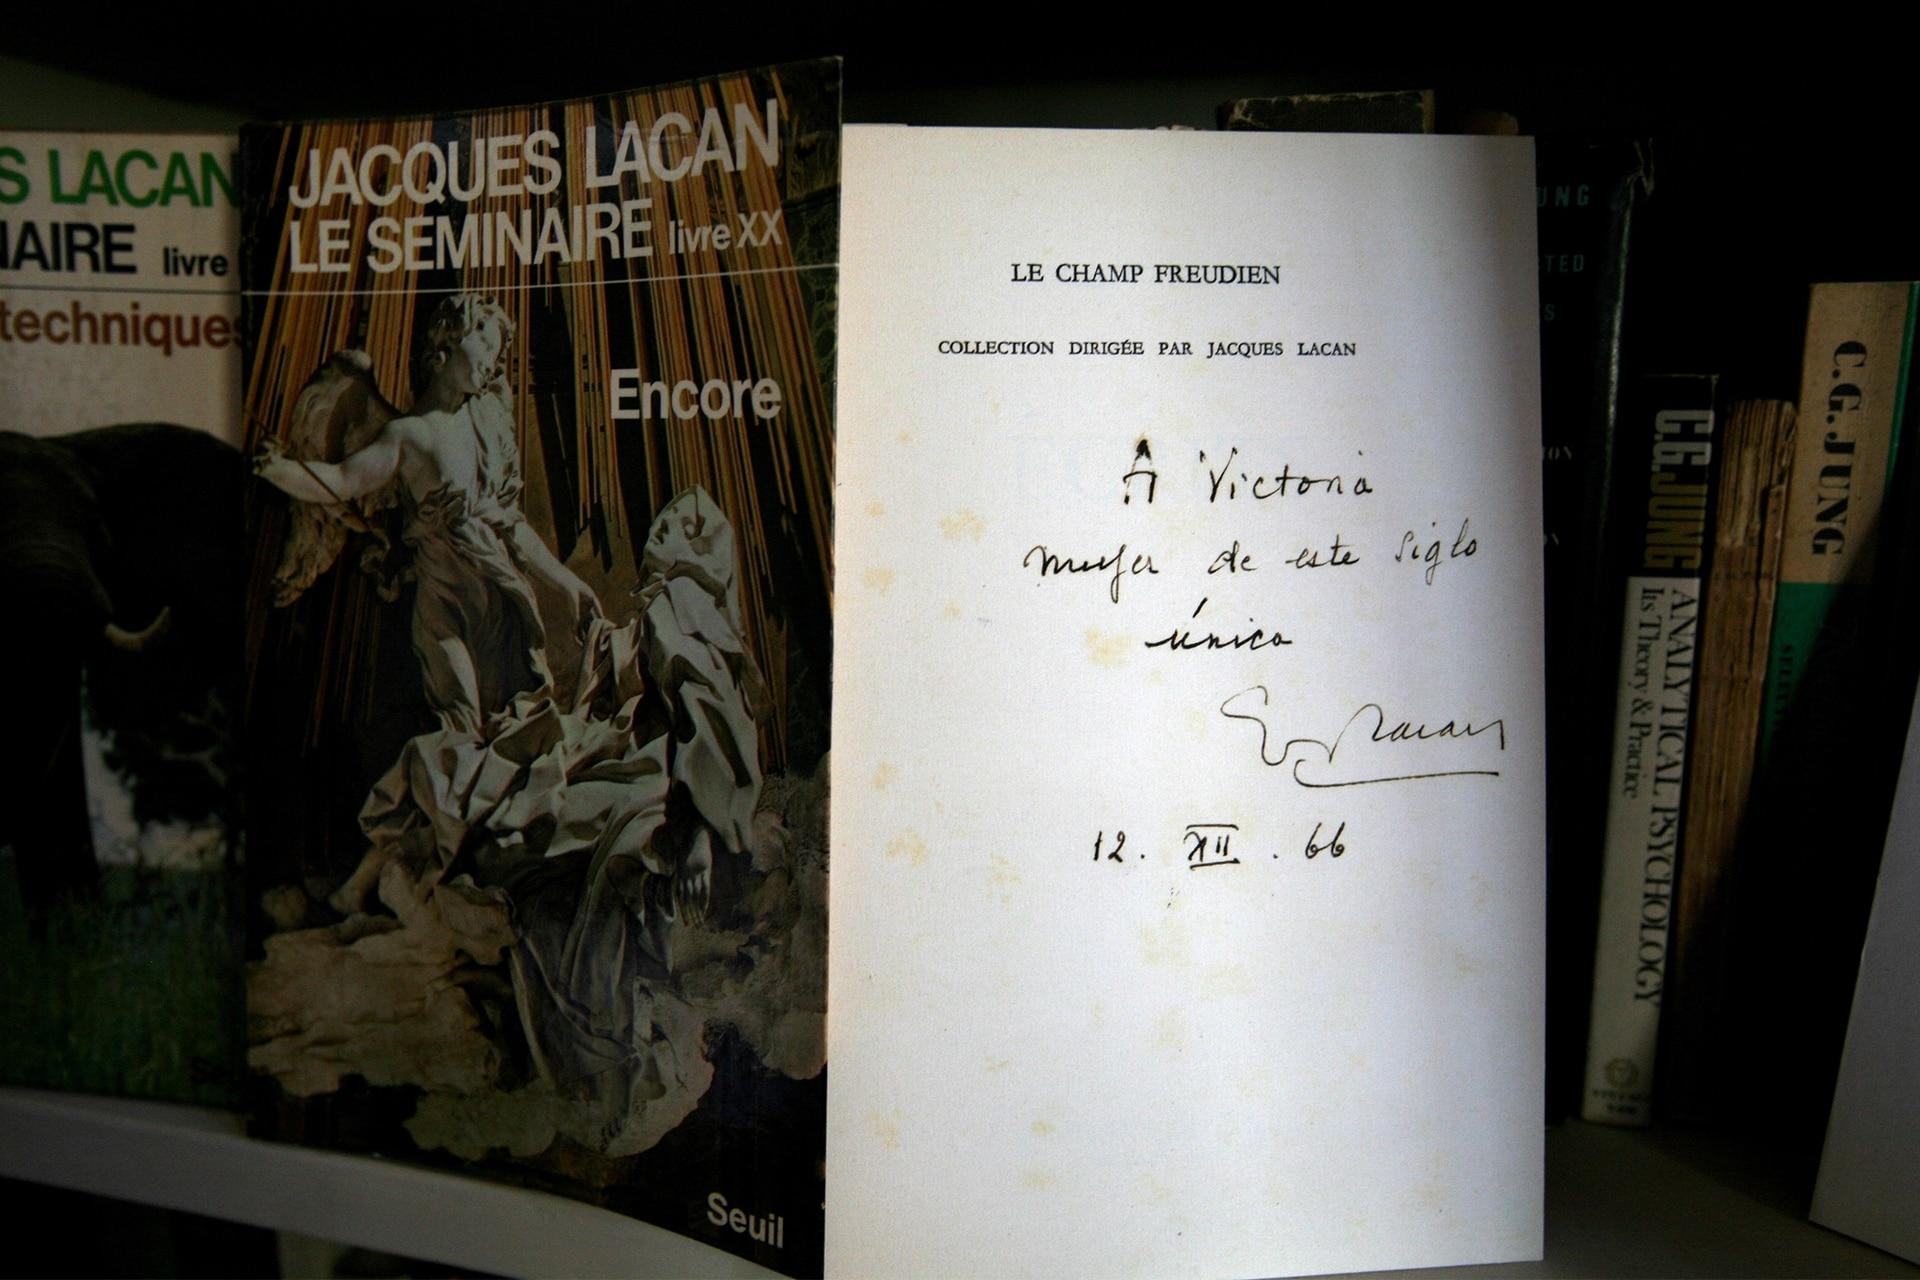 """Todas las nuevas corrientes de pensamiento cautivaron a Victoria. Con Jacques Lacan mantuvo un intercambio durante años. Acá, una joya: el ejemplar que le dedica en español: """"A Victoria, mujer de este siglo. Única""""."""